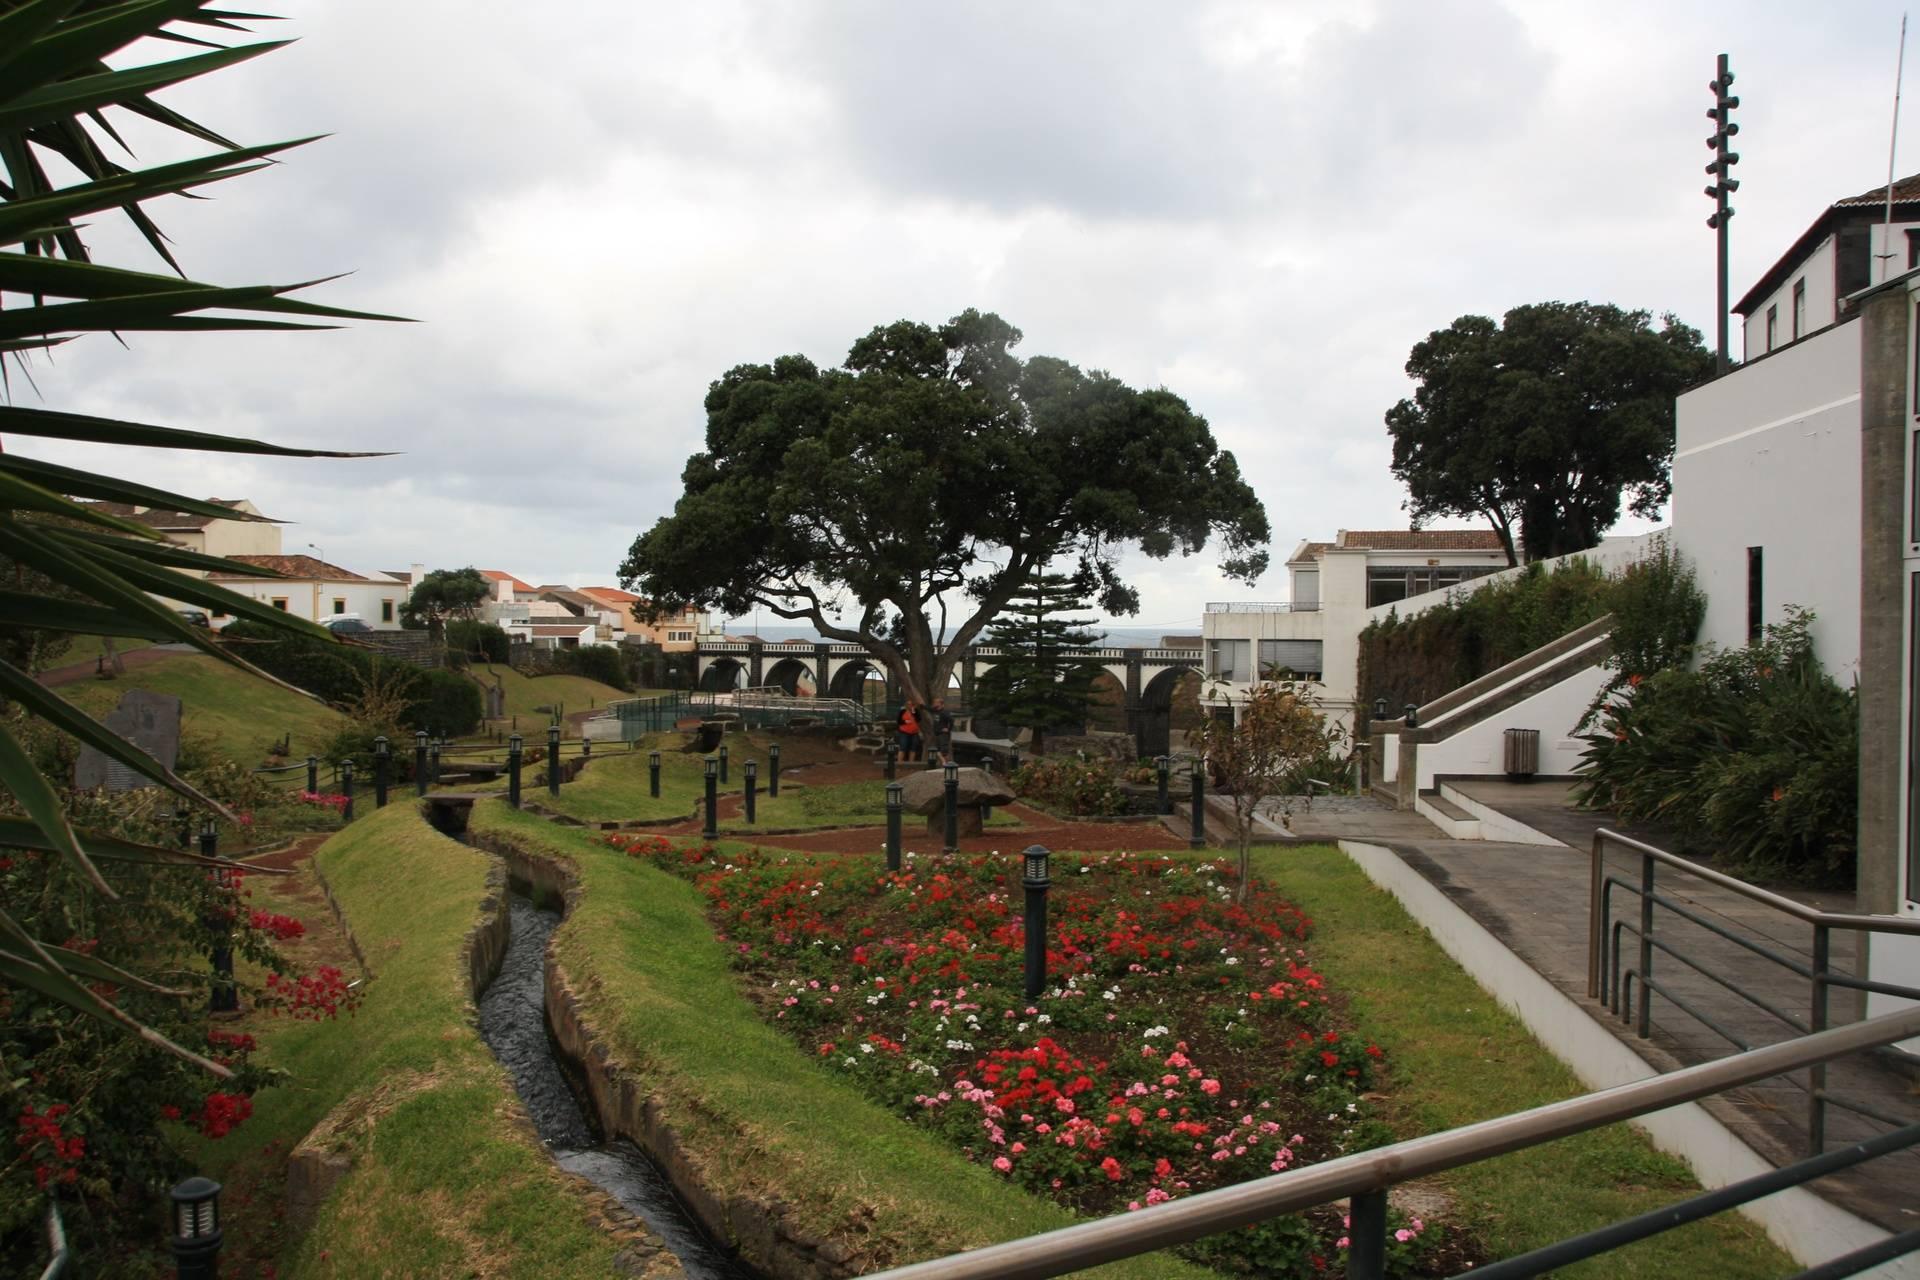 Tha Azores